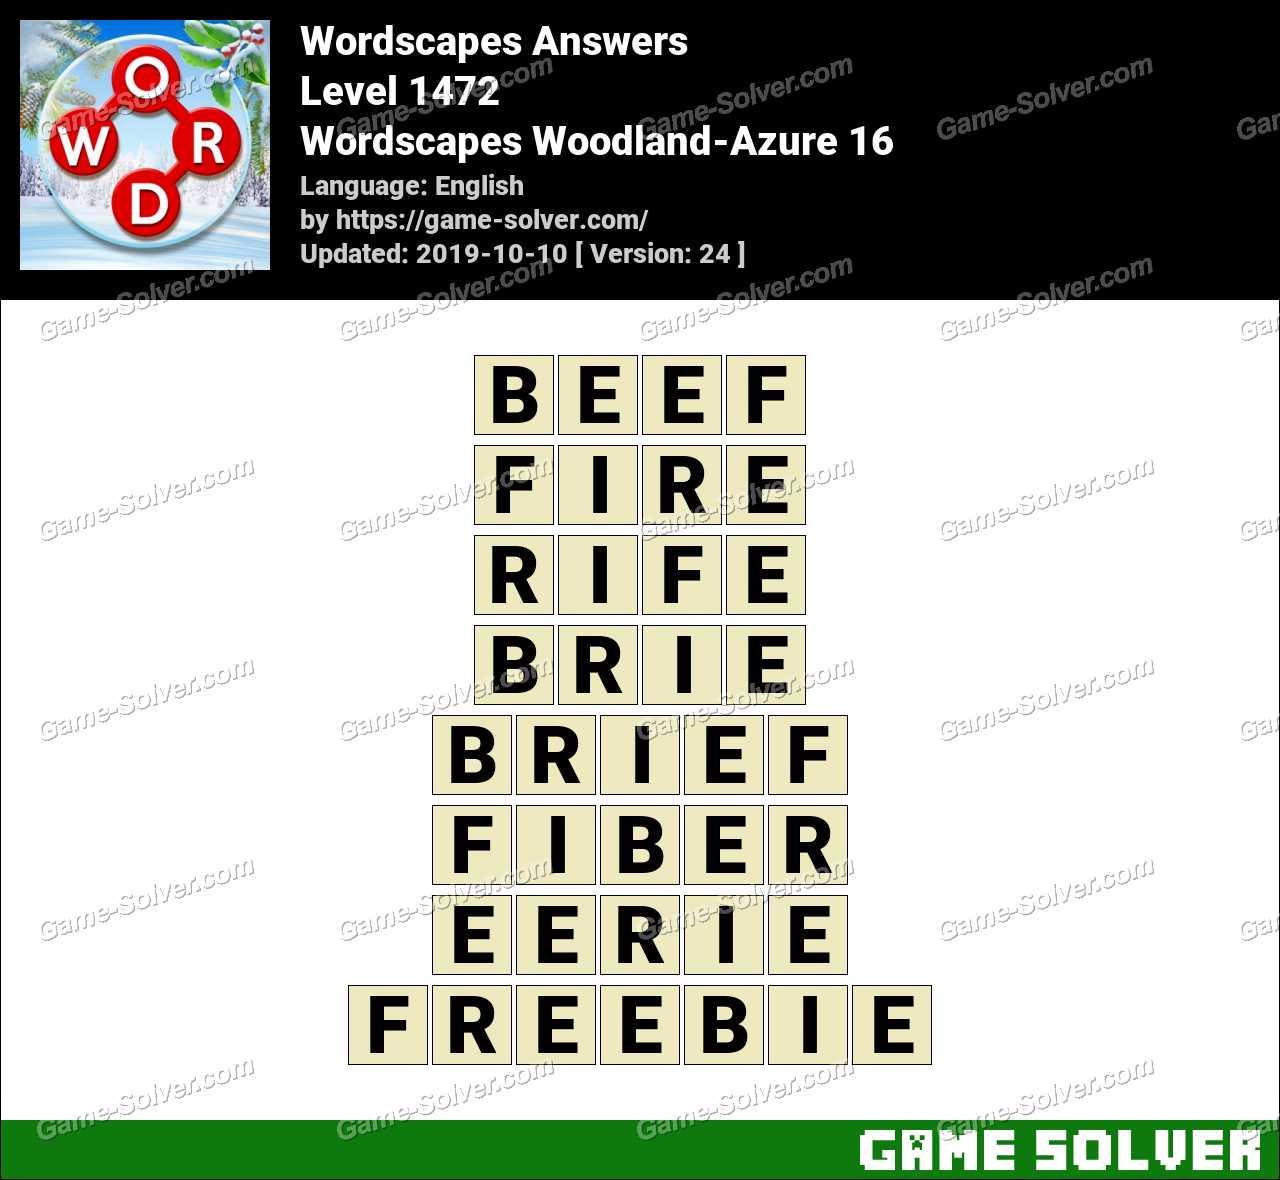 Wordscapes Woodland-Azure 16 Answers